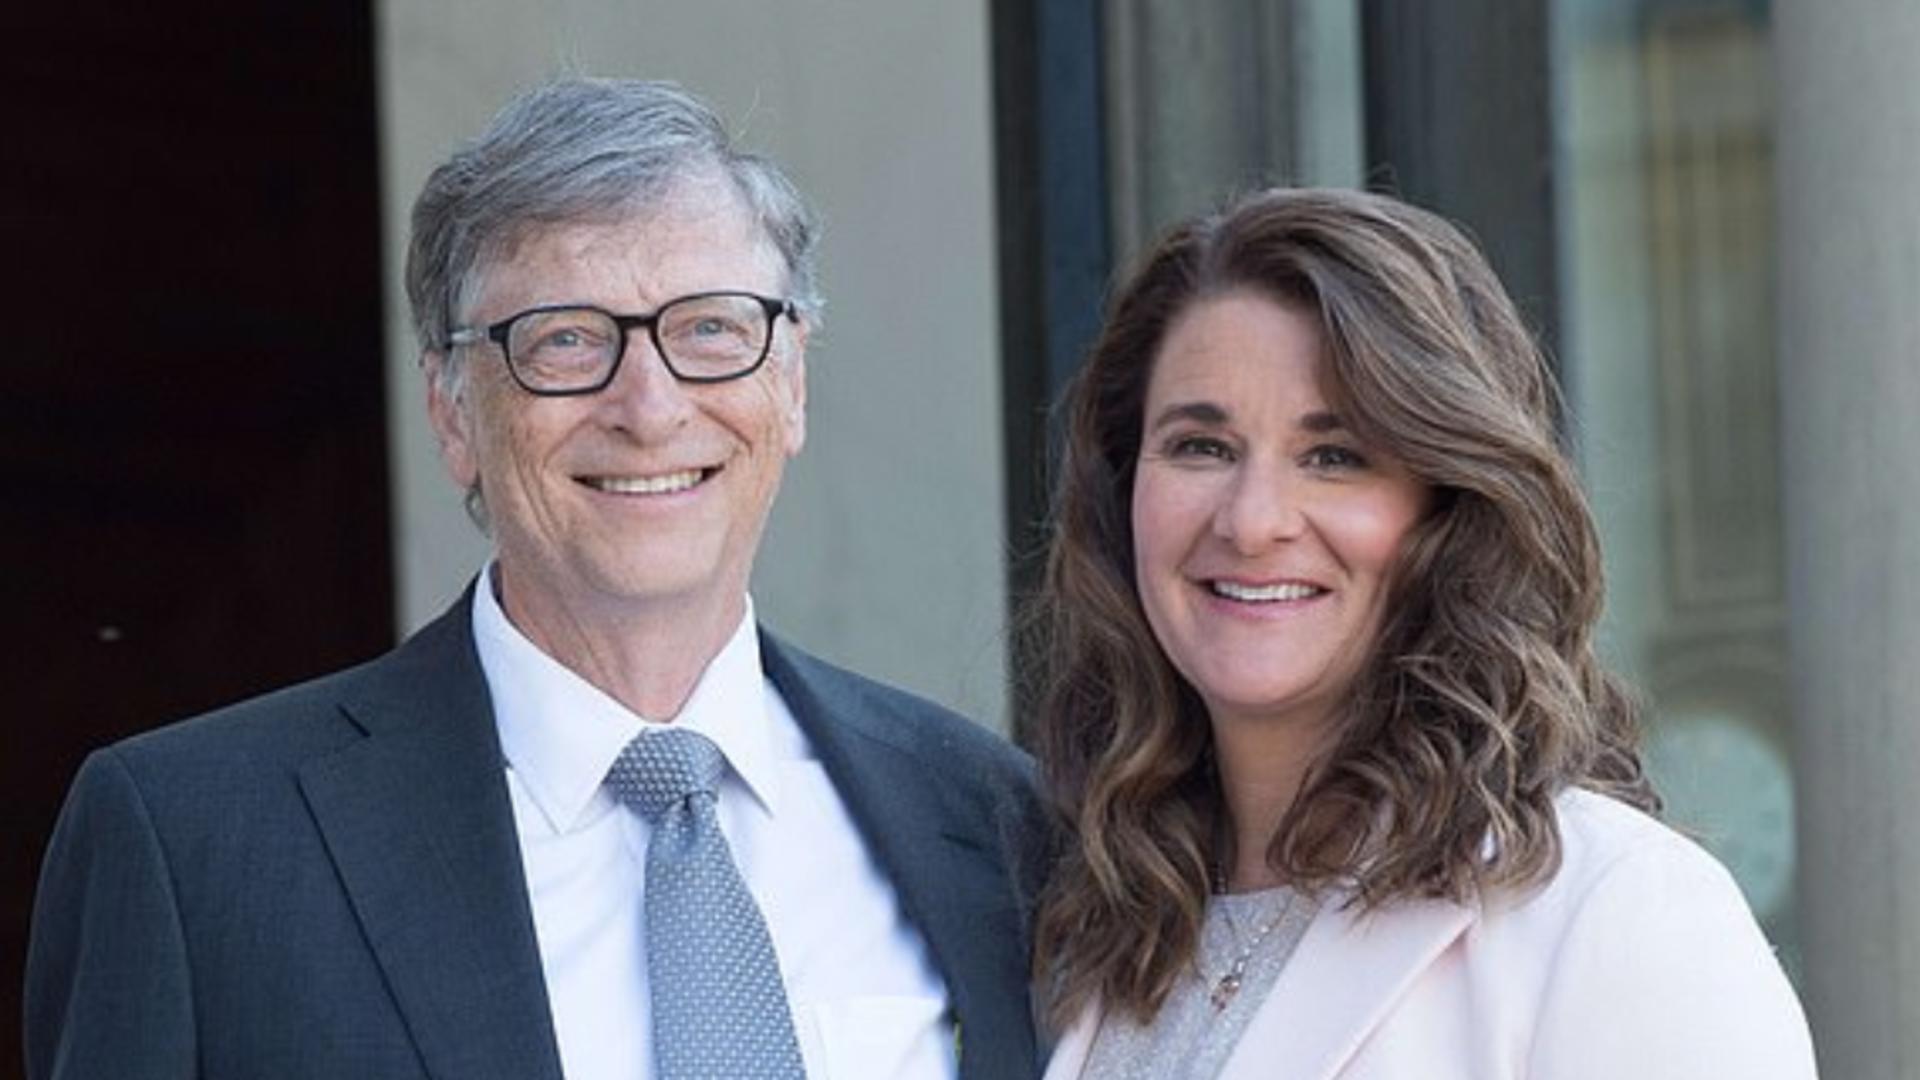 Anunțul anului 2021 - Miliardarul Bill Gates divorțează de soția sa Melinda după 27 de ani de căsnicie